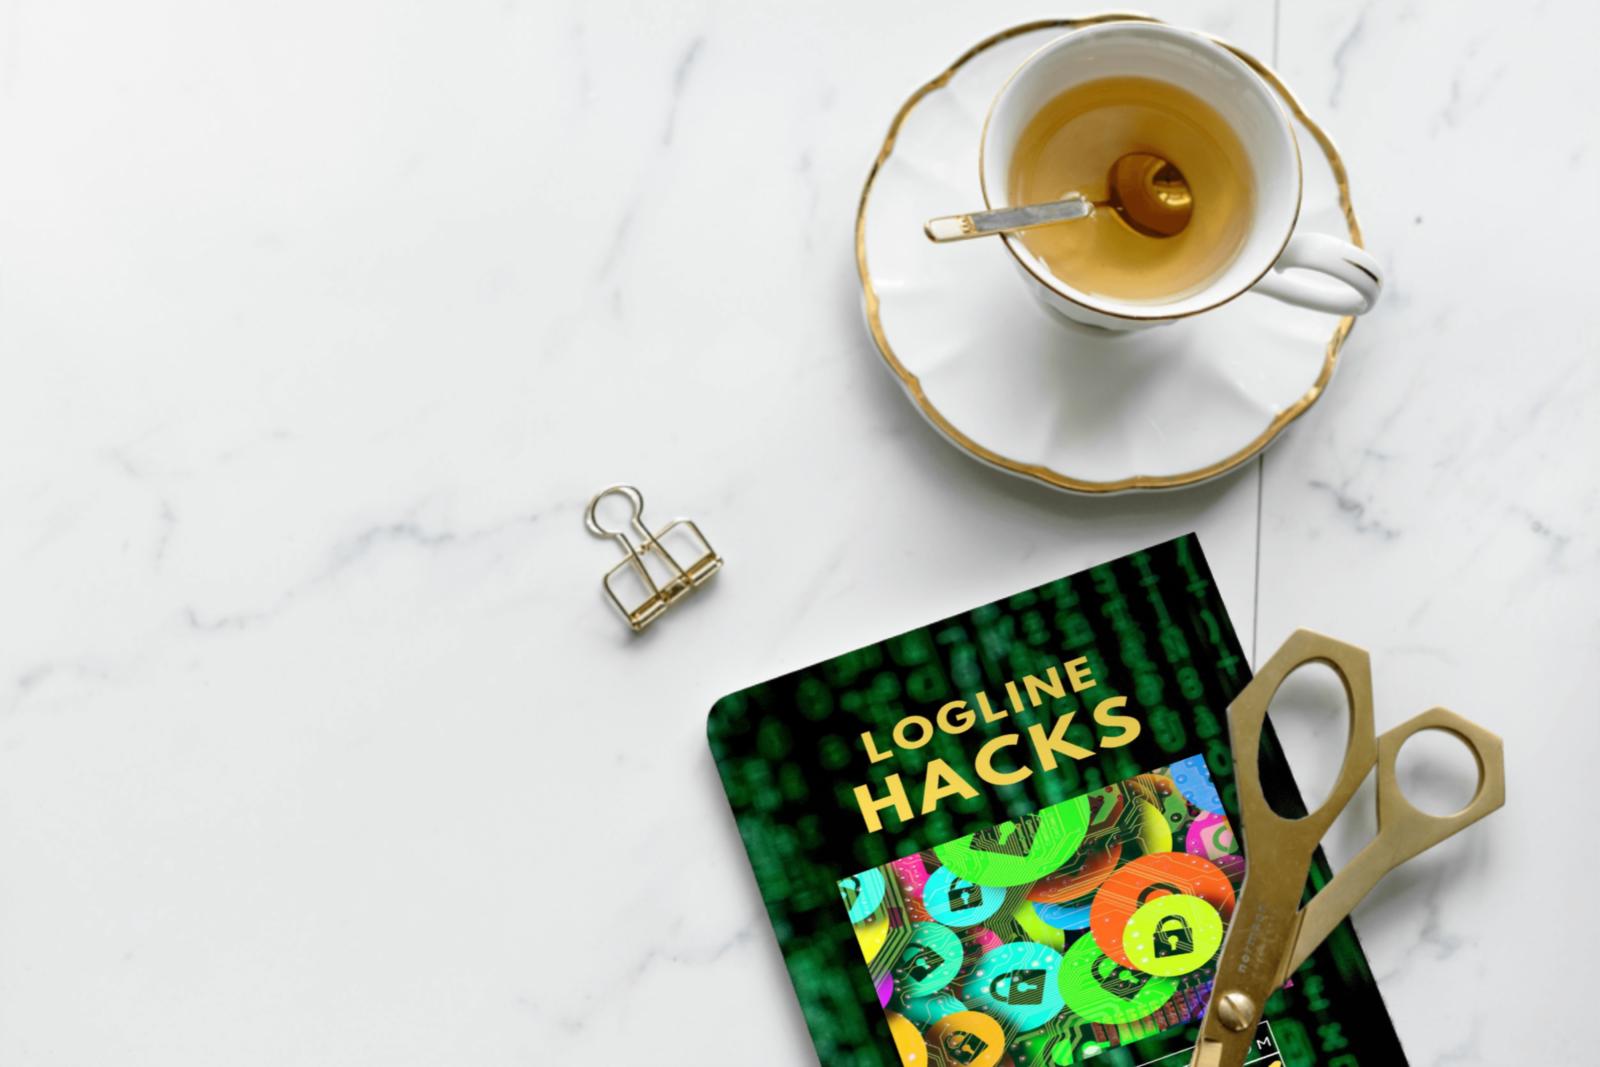 Logline Hacks